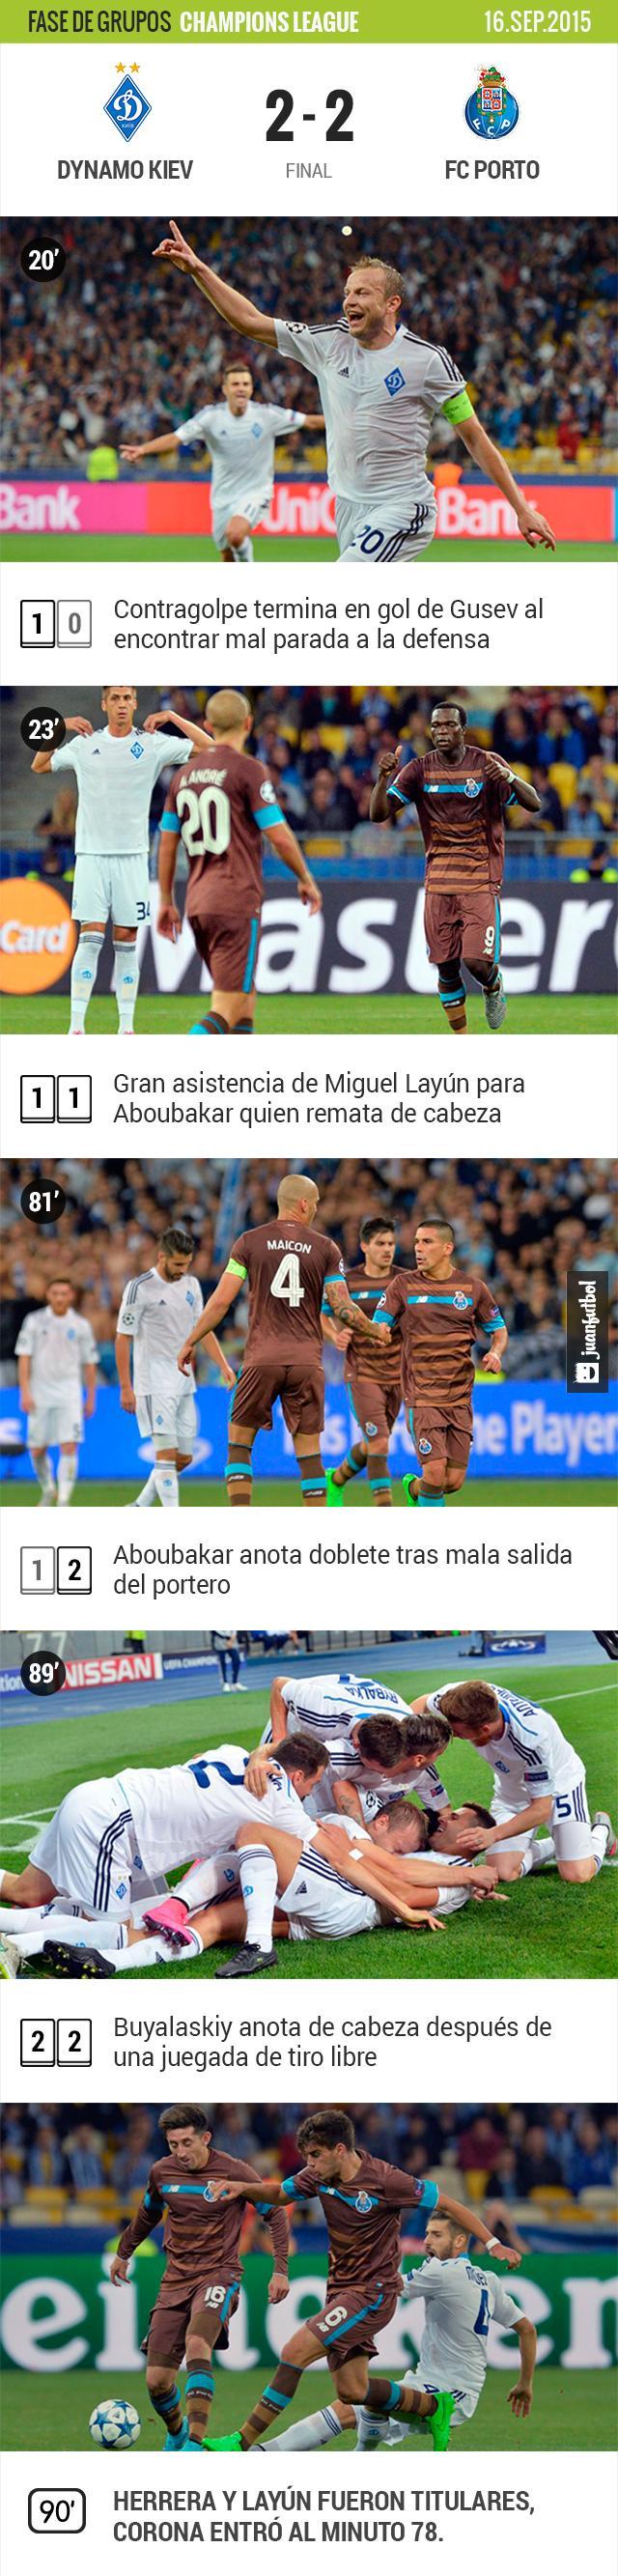 Dynamo Kiev y Porto empatan en su primer partido de fase de grupos de Champions League. Miguel Layún se adjudicó una asistencia.